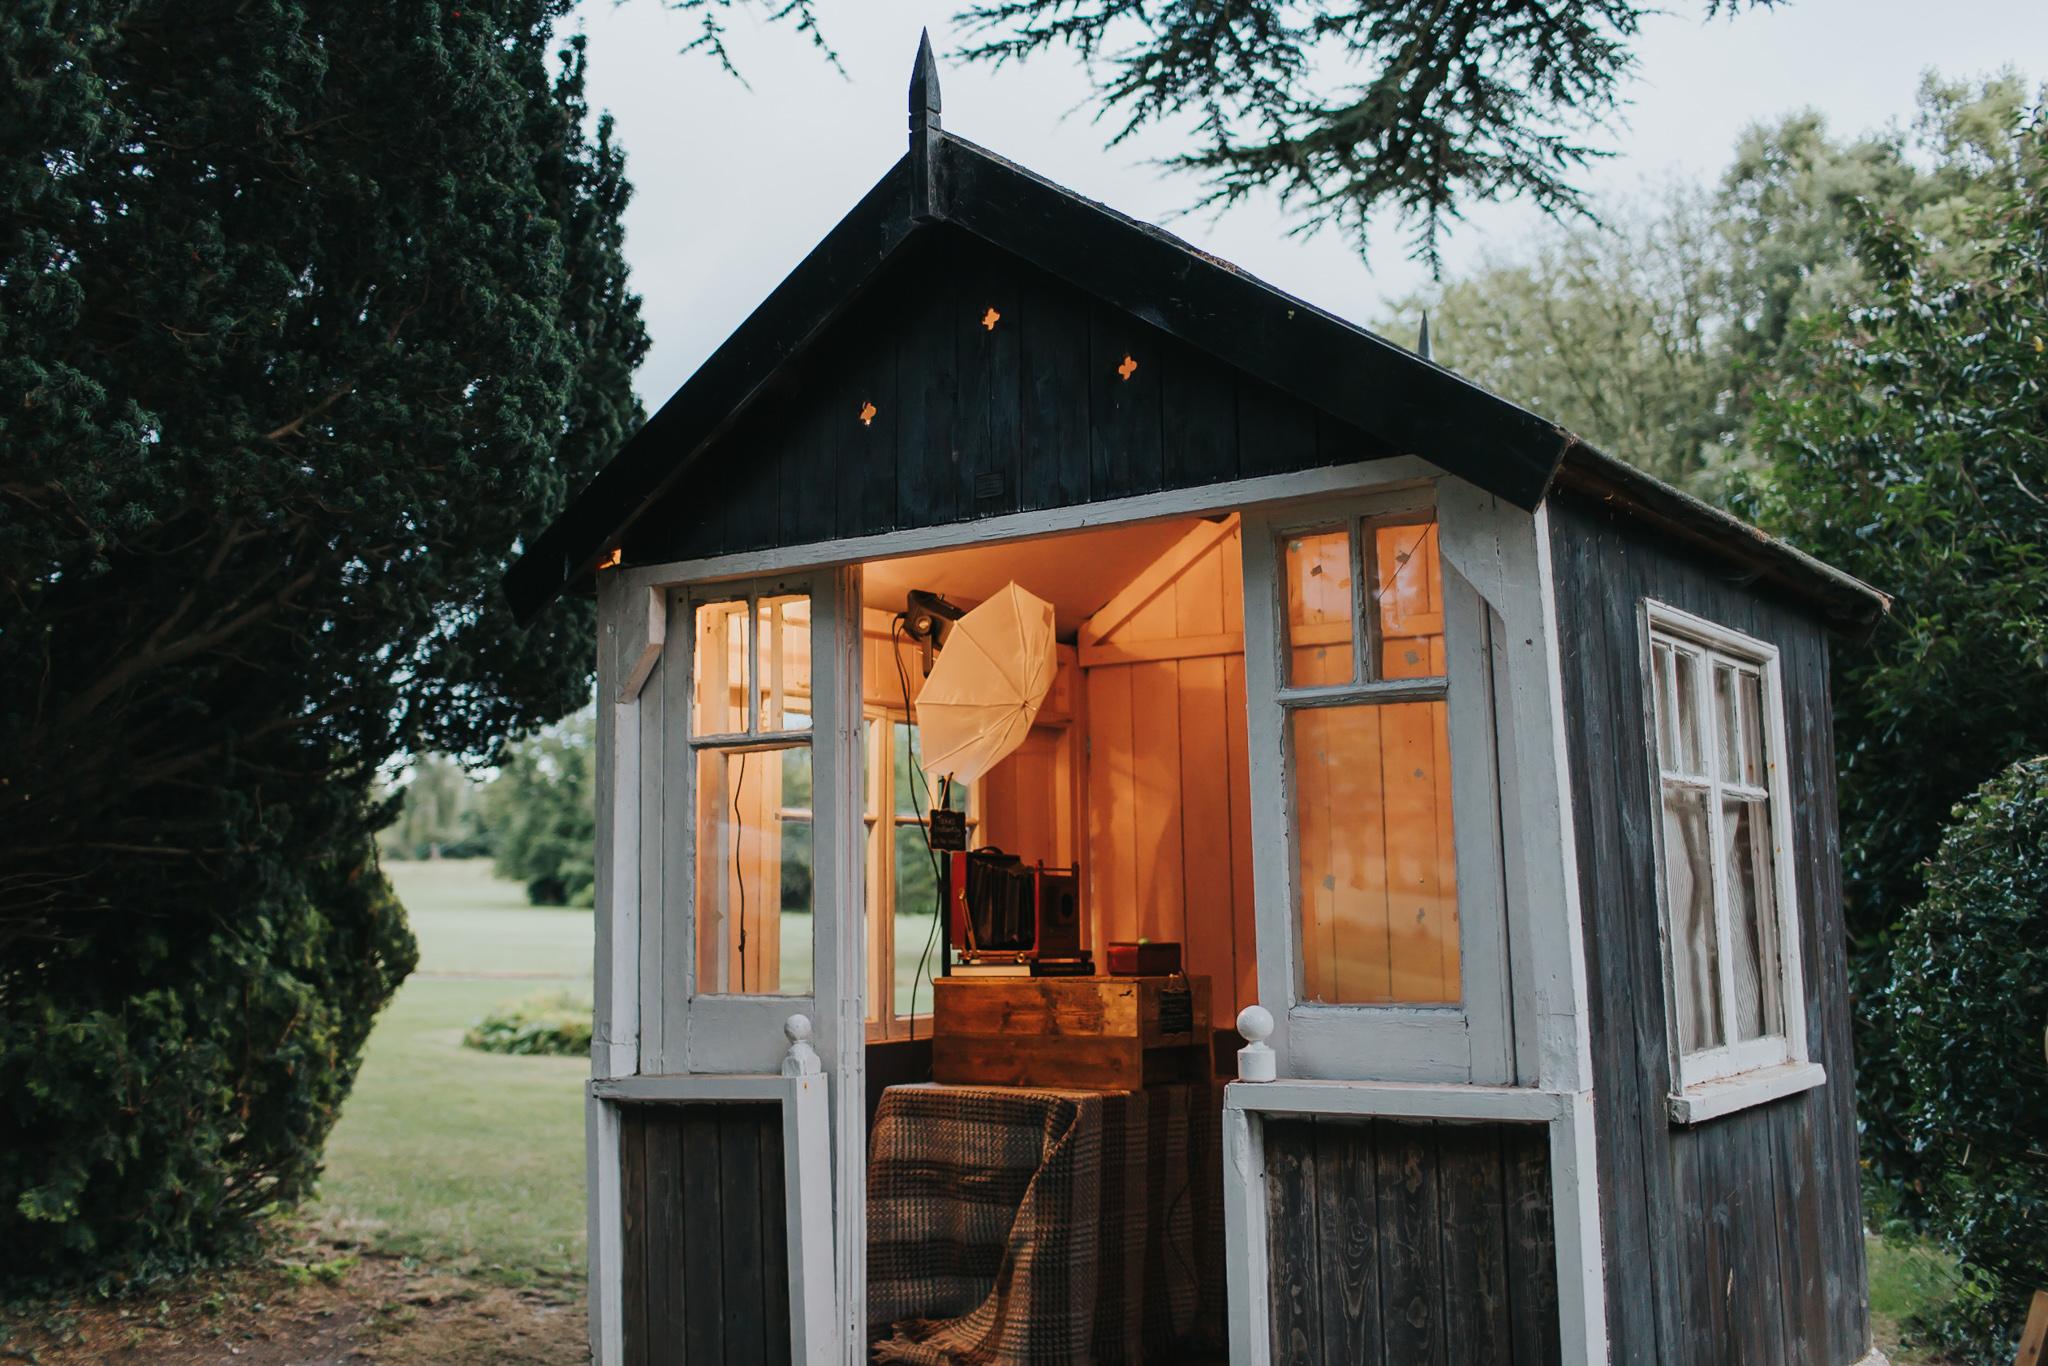 photobooth-summerhouse